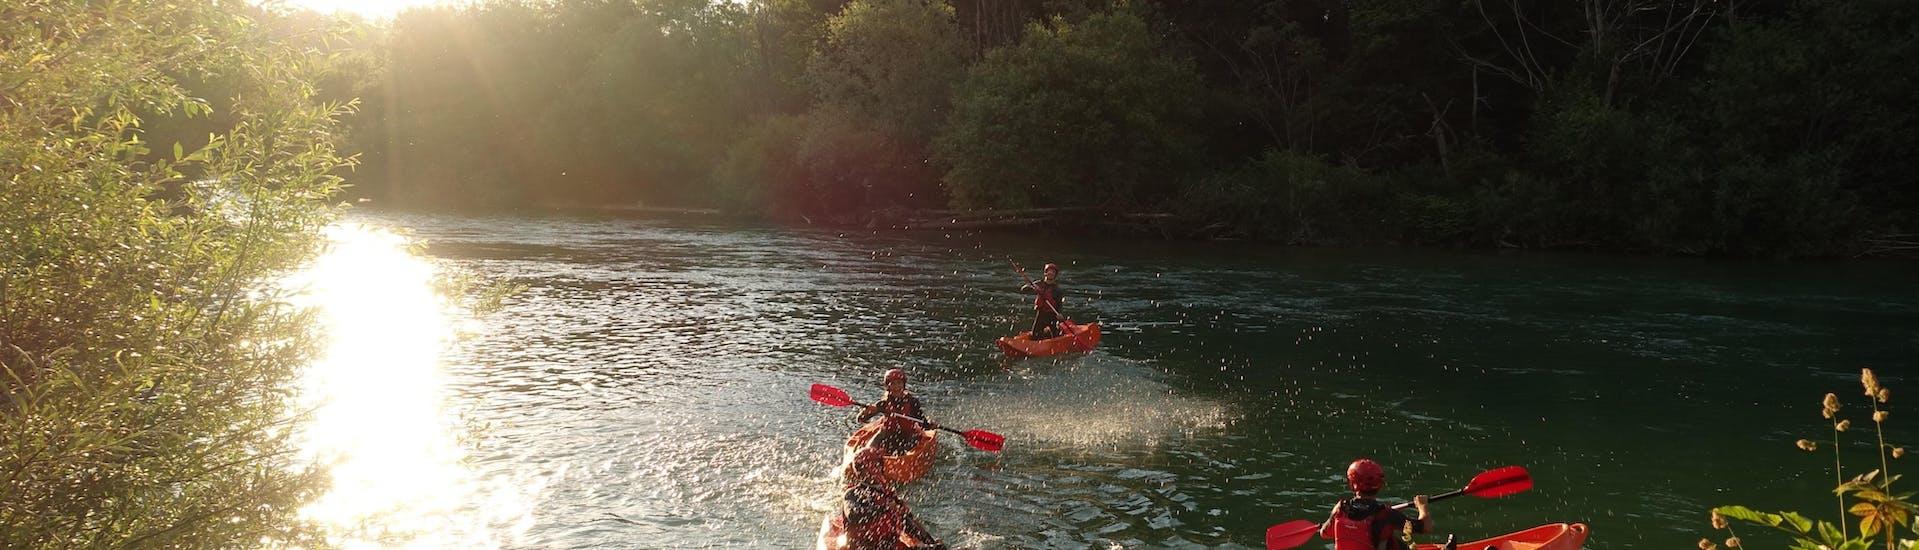 kayak-classic---sava-whats-up-bled-hero